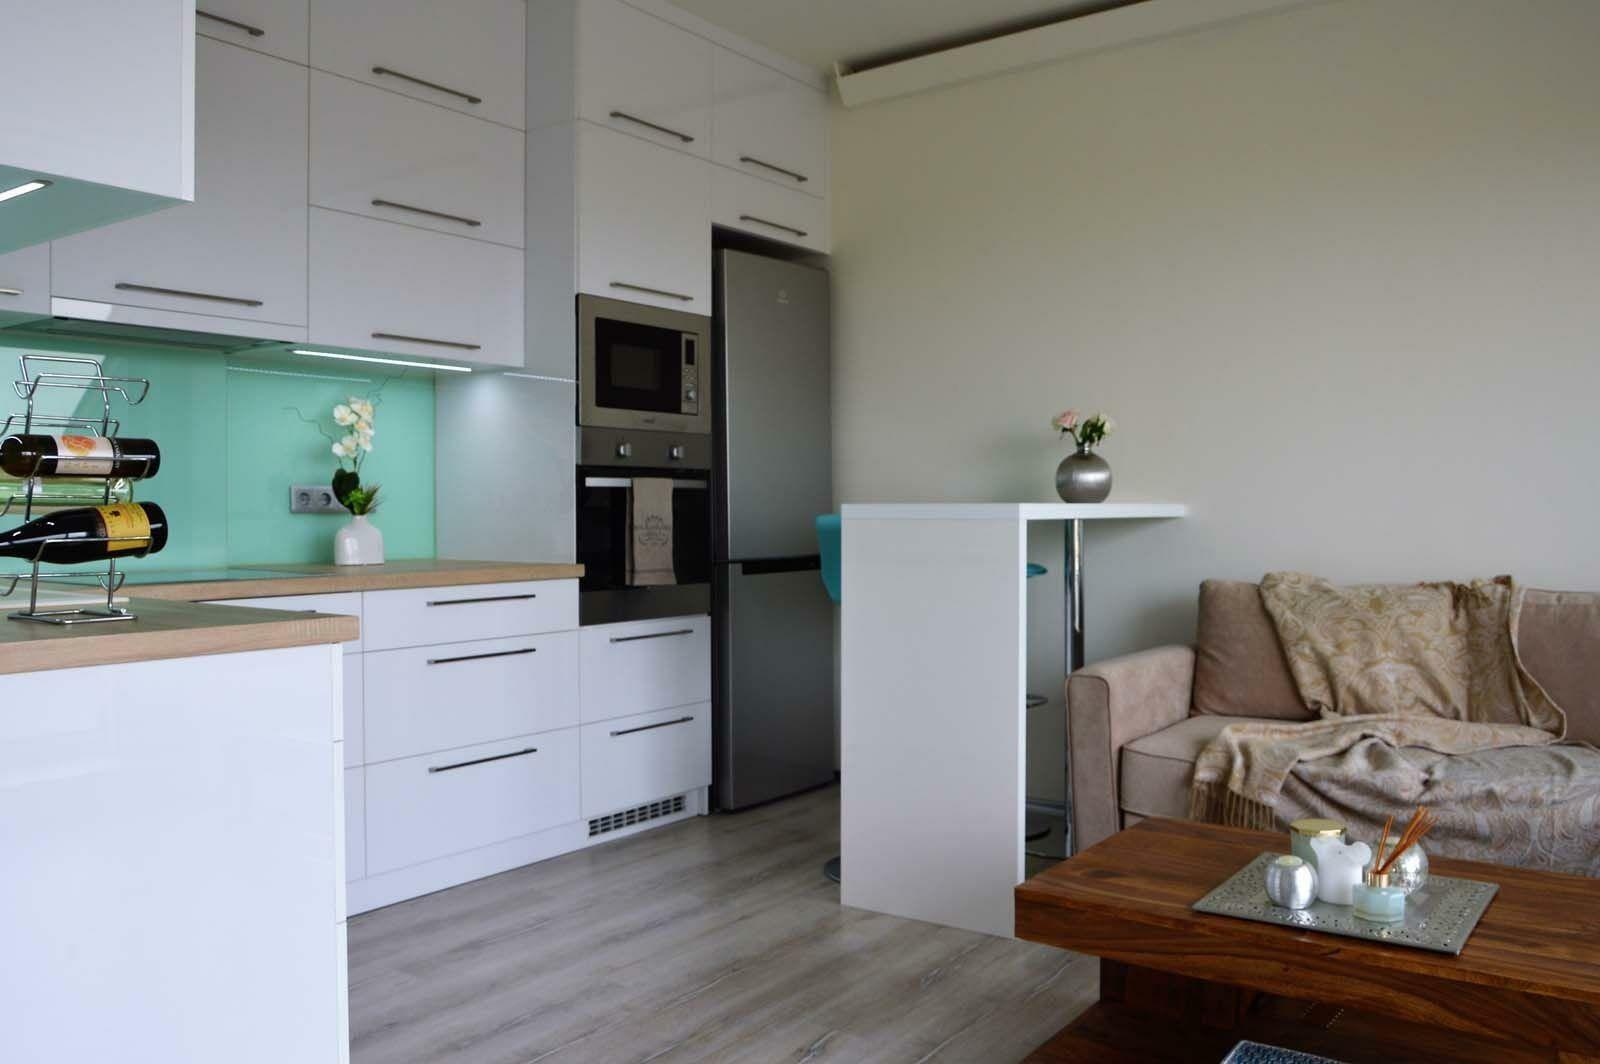 Egyedi konyhabútor készítés magasfényű fehér akril felületű bútorlapból üveghátlappal, rejtett LED világítással